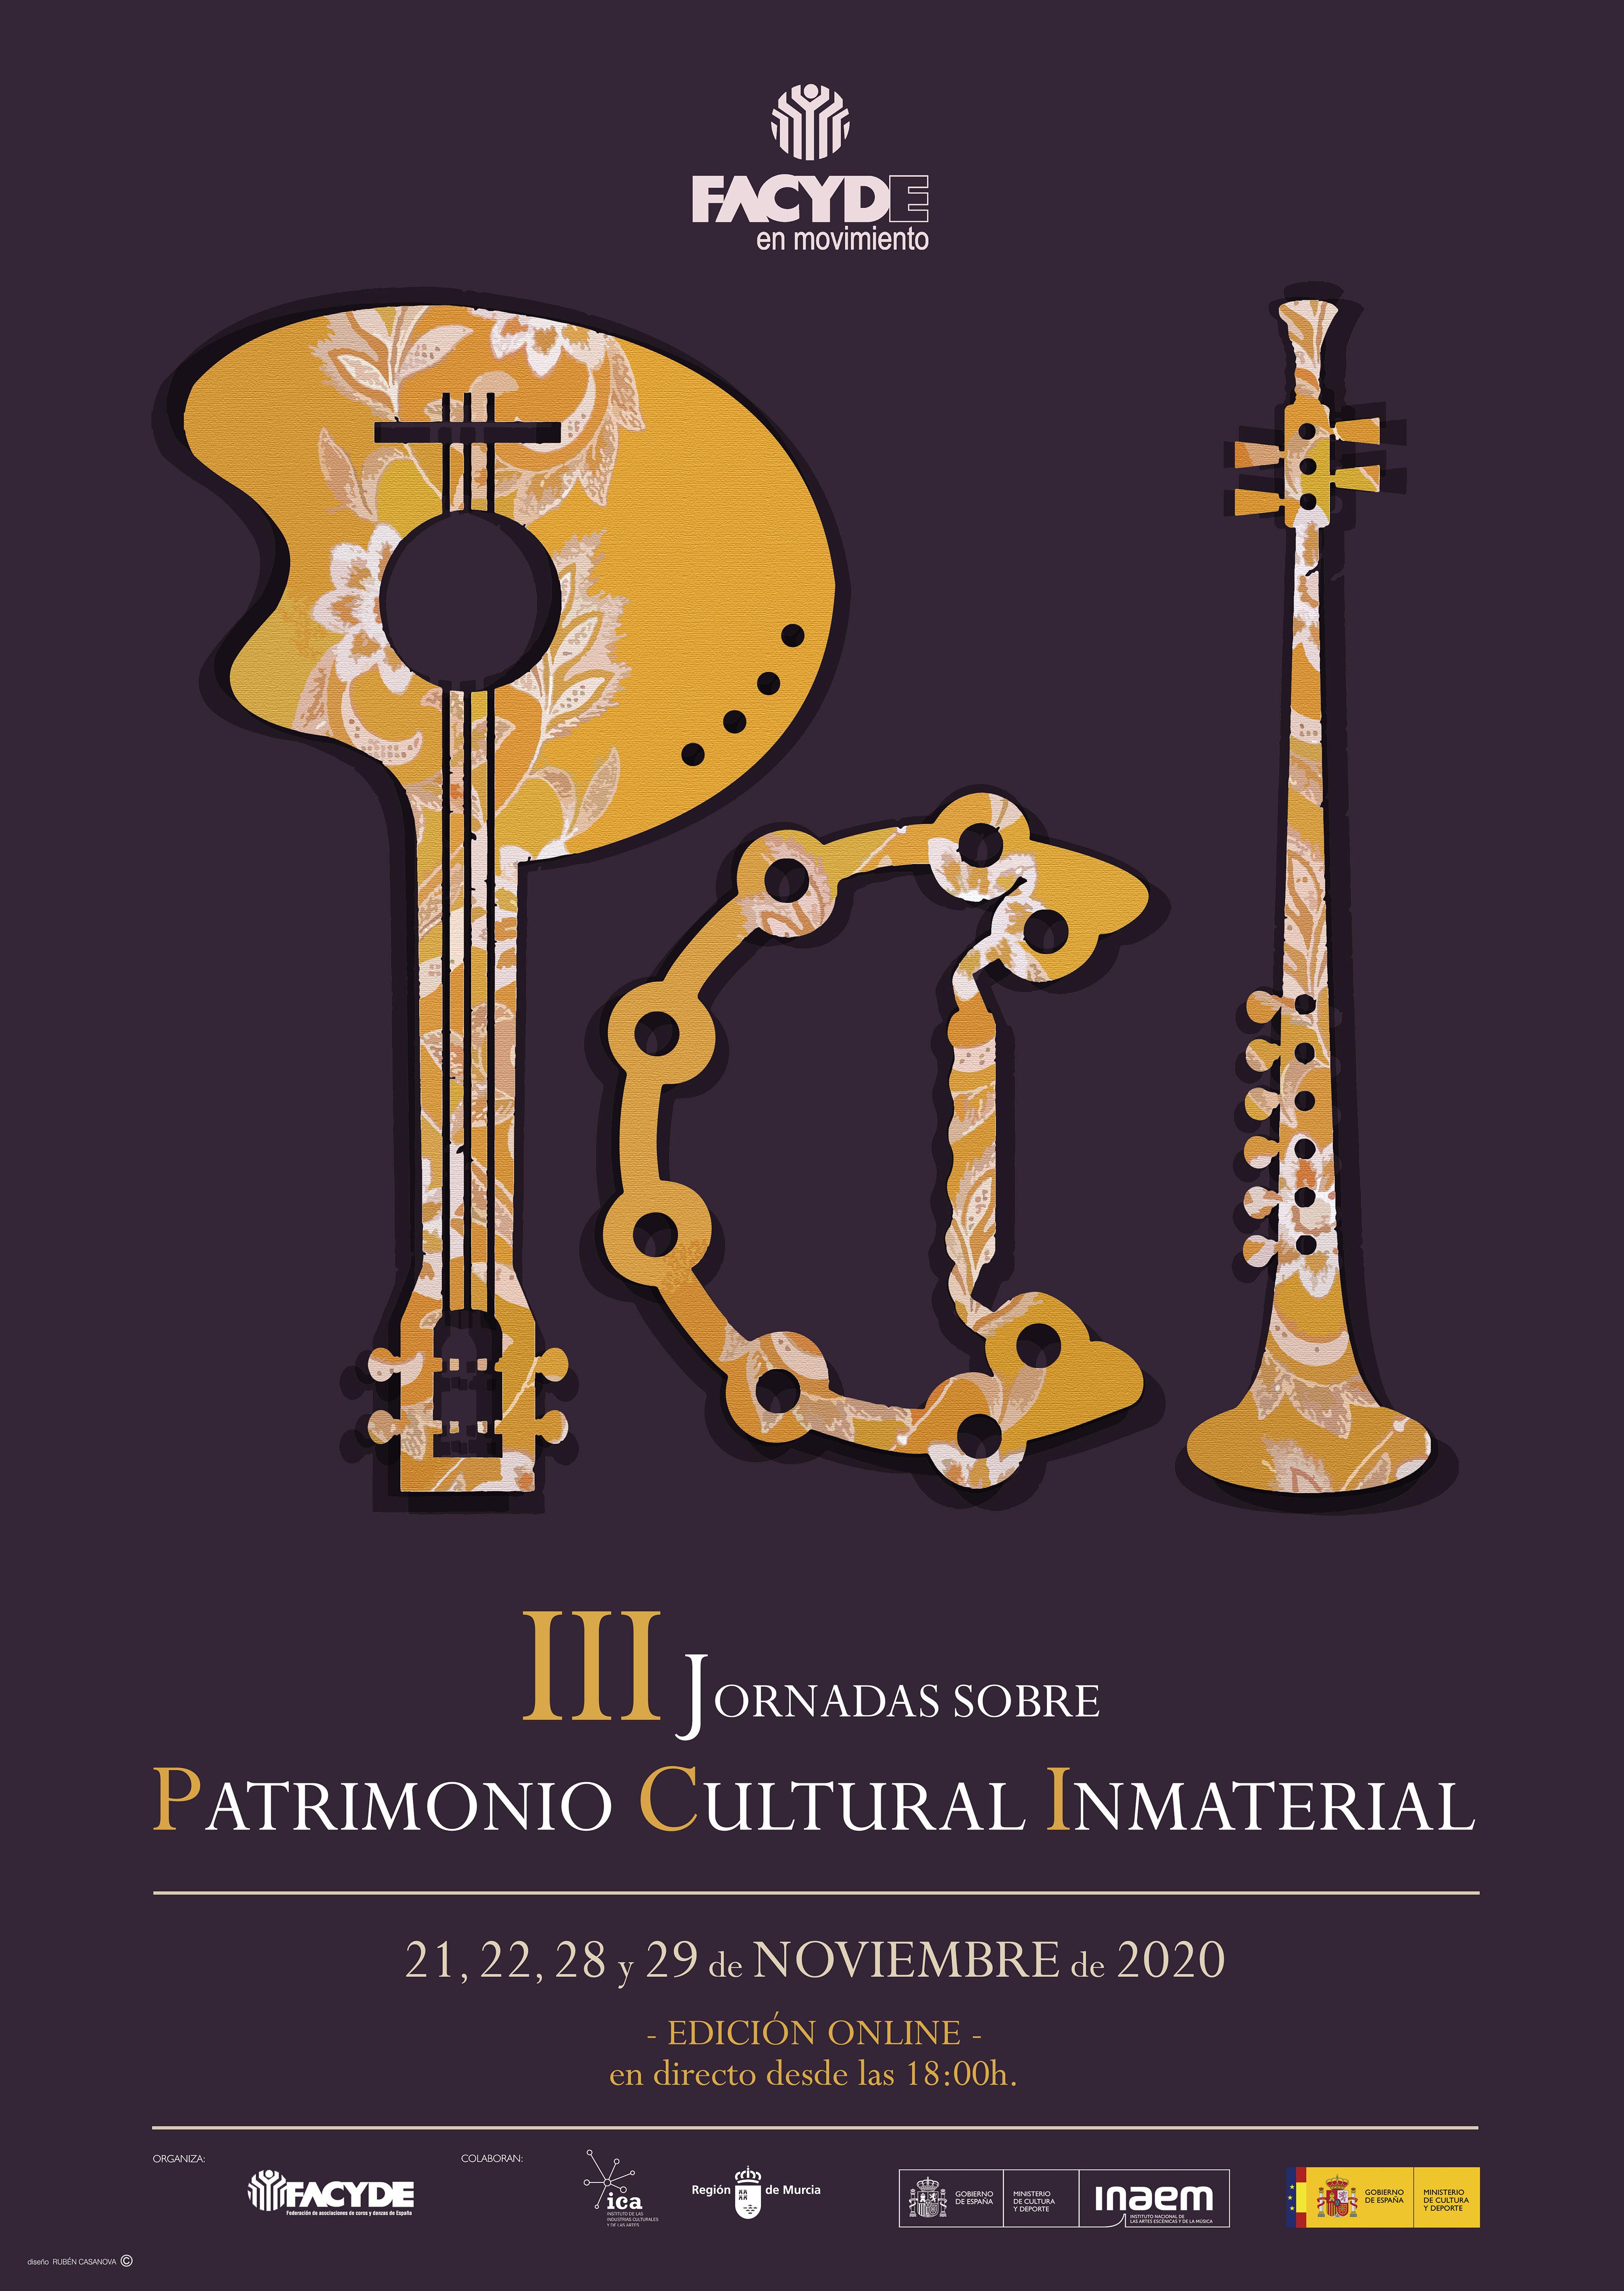 III JORNADAS SOBRE PATRIMONIO CULTURAL INMATERIAL